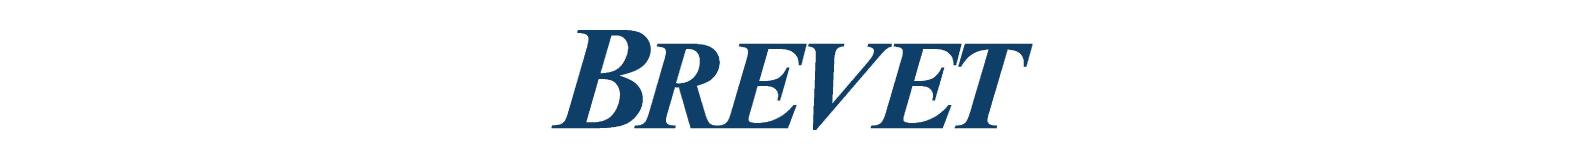 Brevet logo